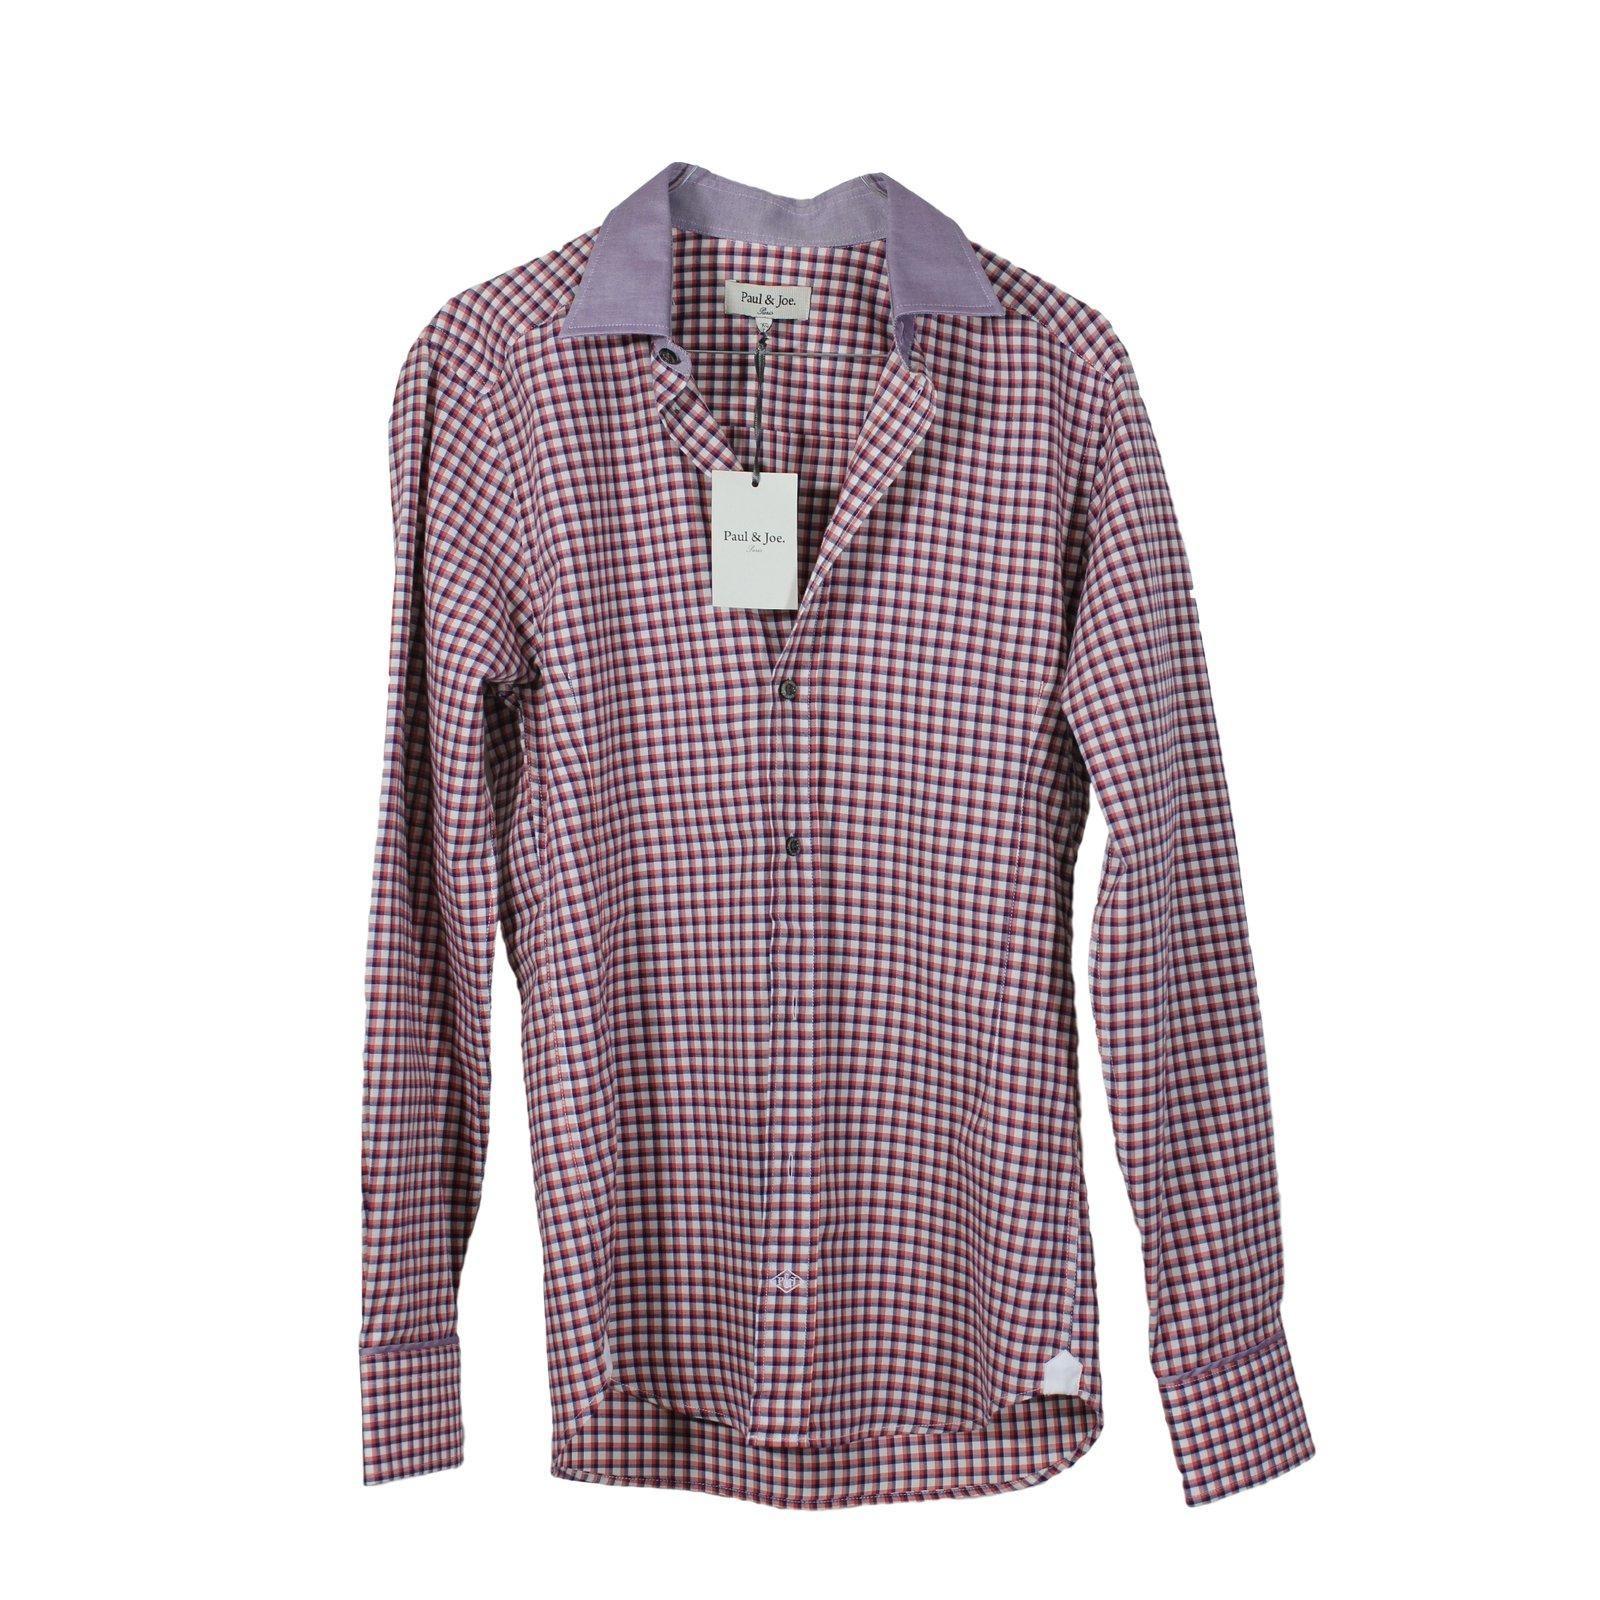 chemises paul joe chemise carreaux coton autre joli closet. Black Bedroom Furniture Sets. Home Design Ideas